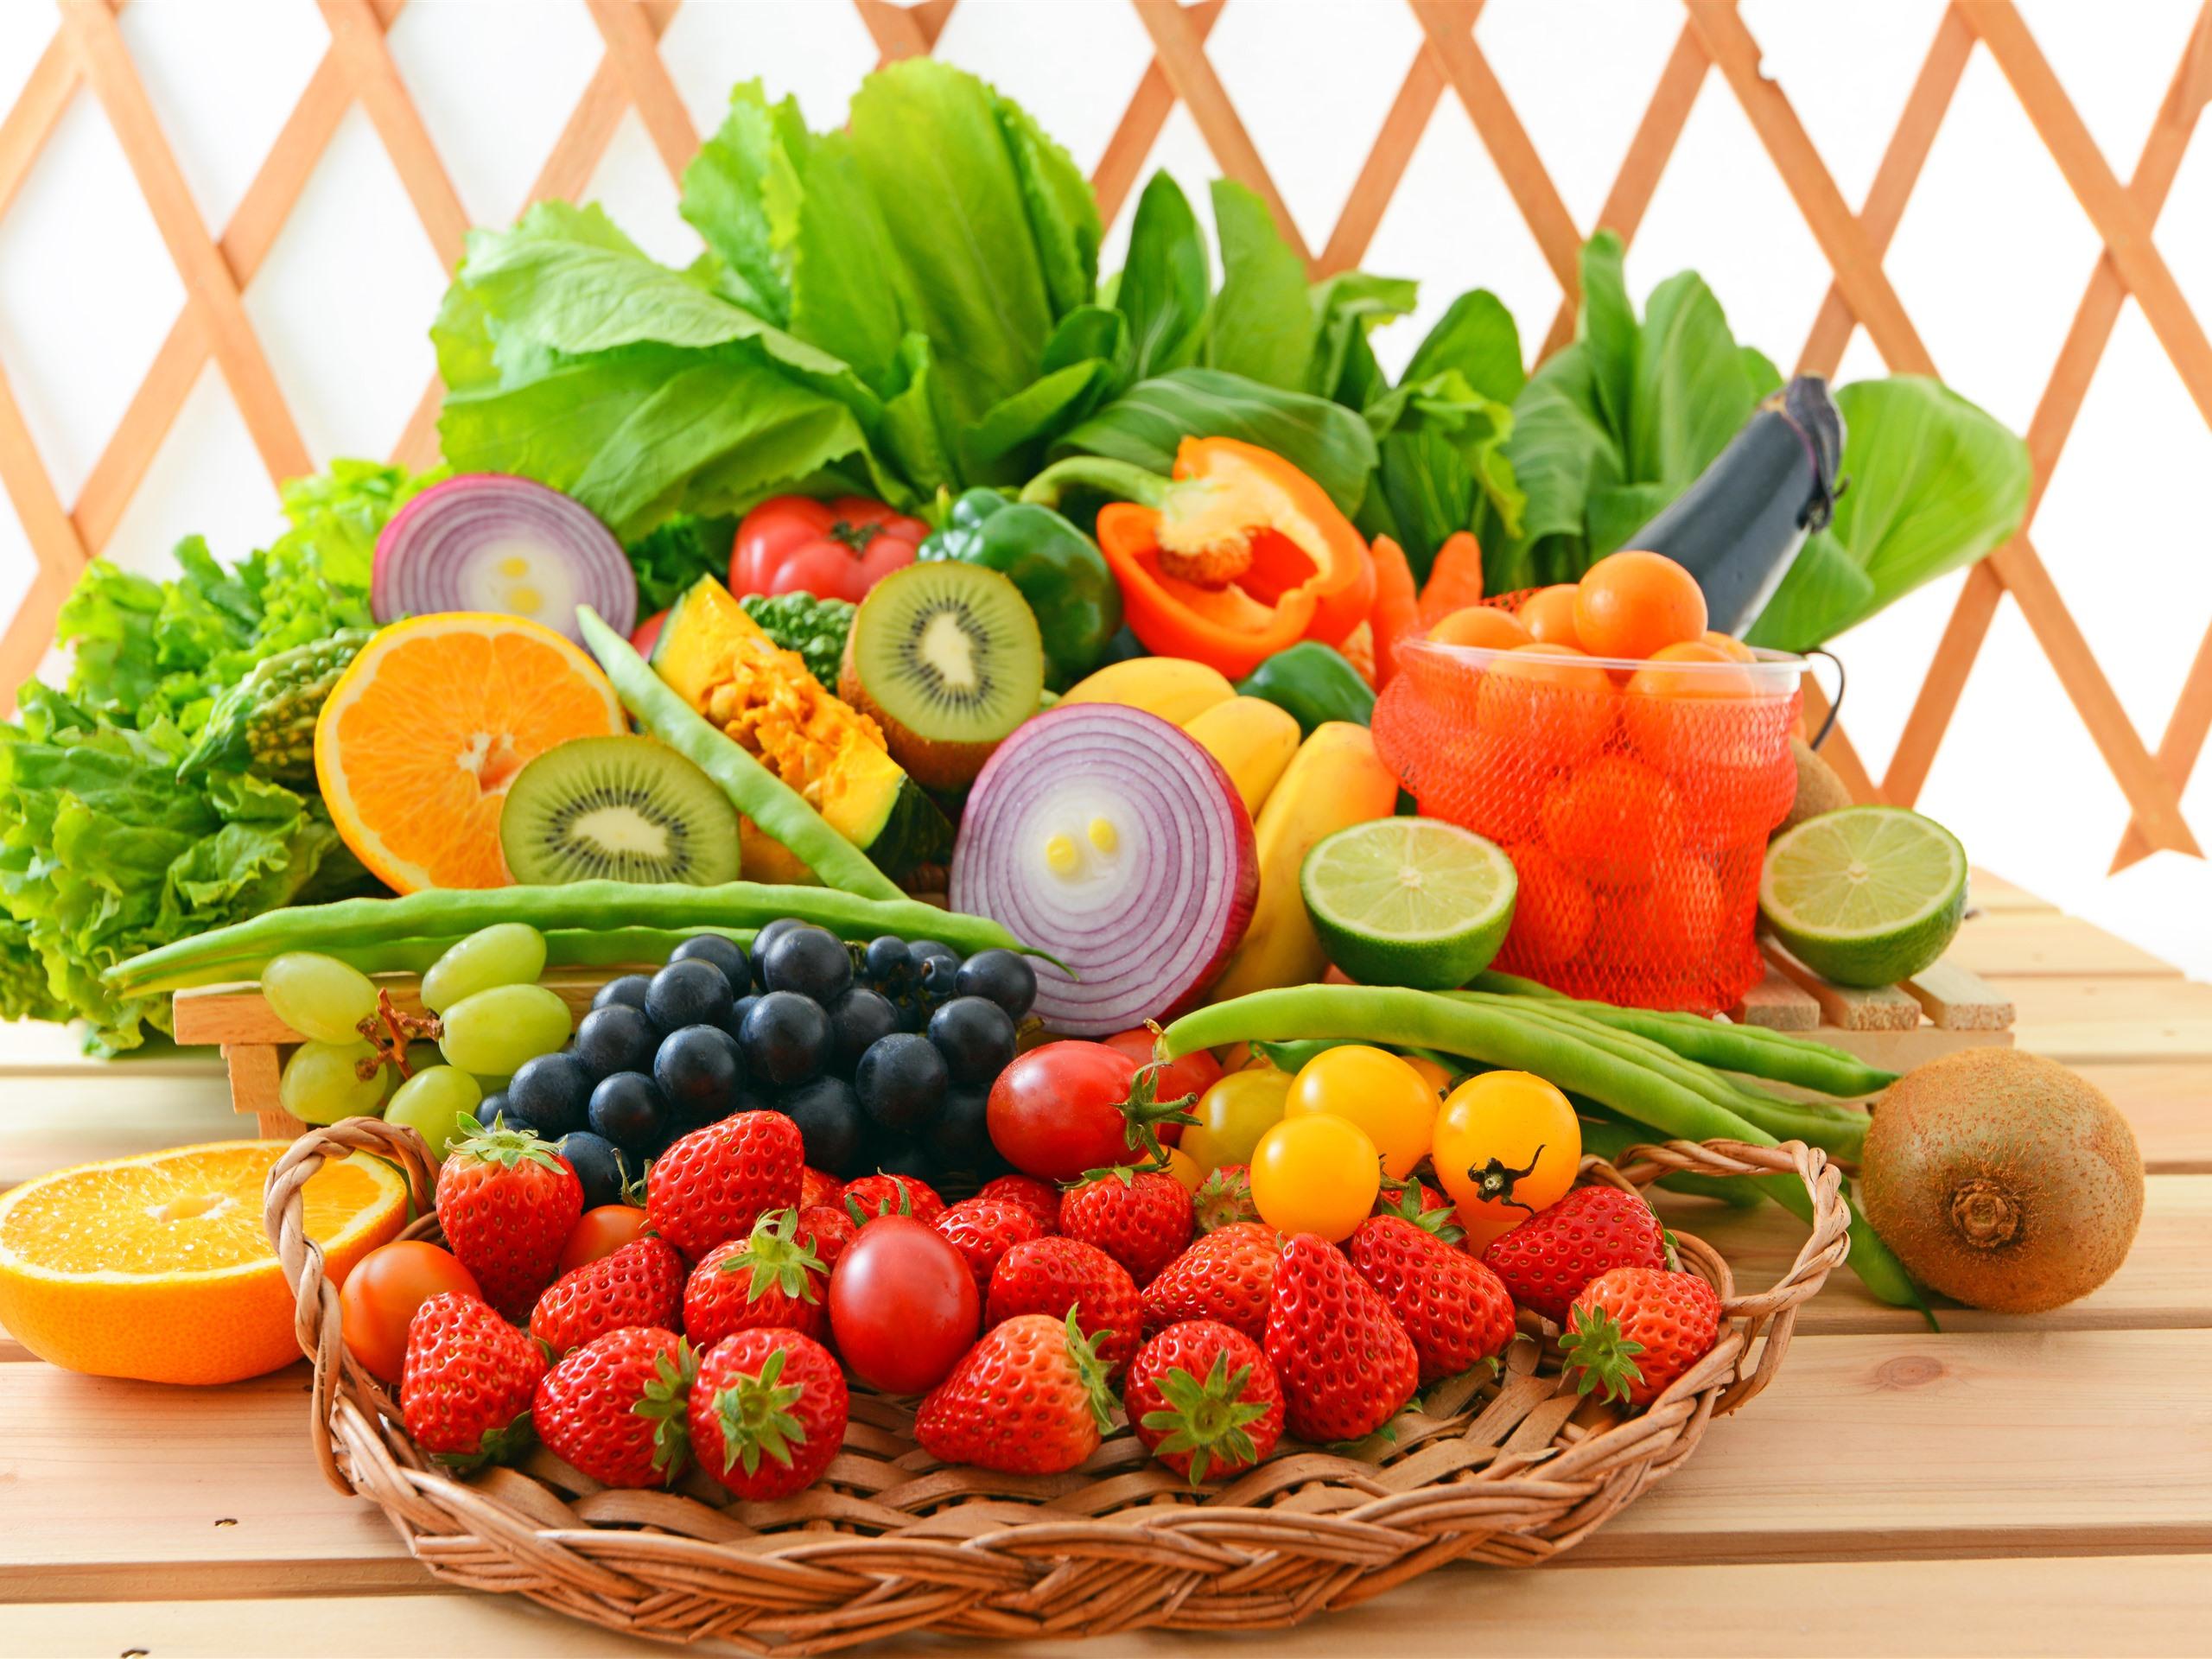 Для мужчины, красивые овощи и фрукты картинки